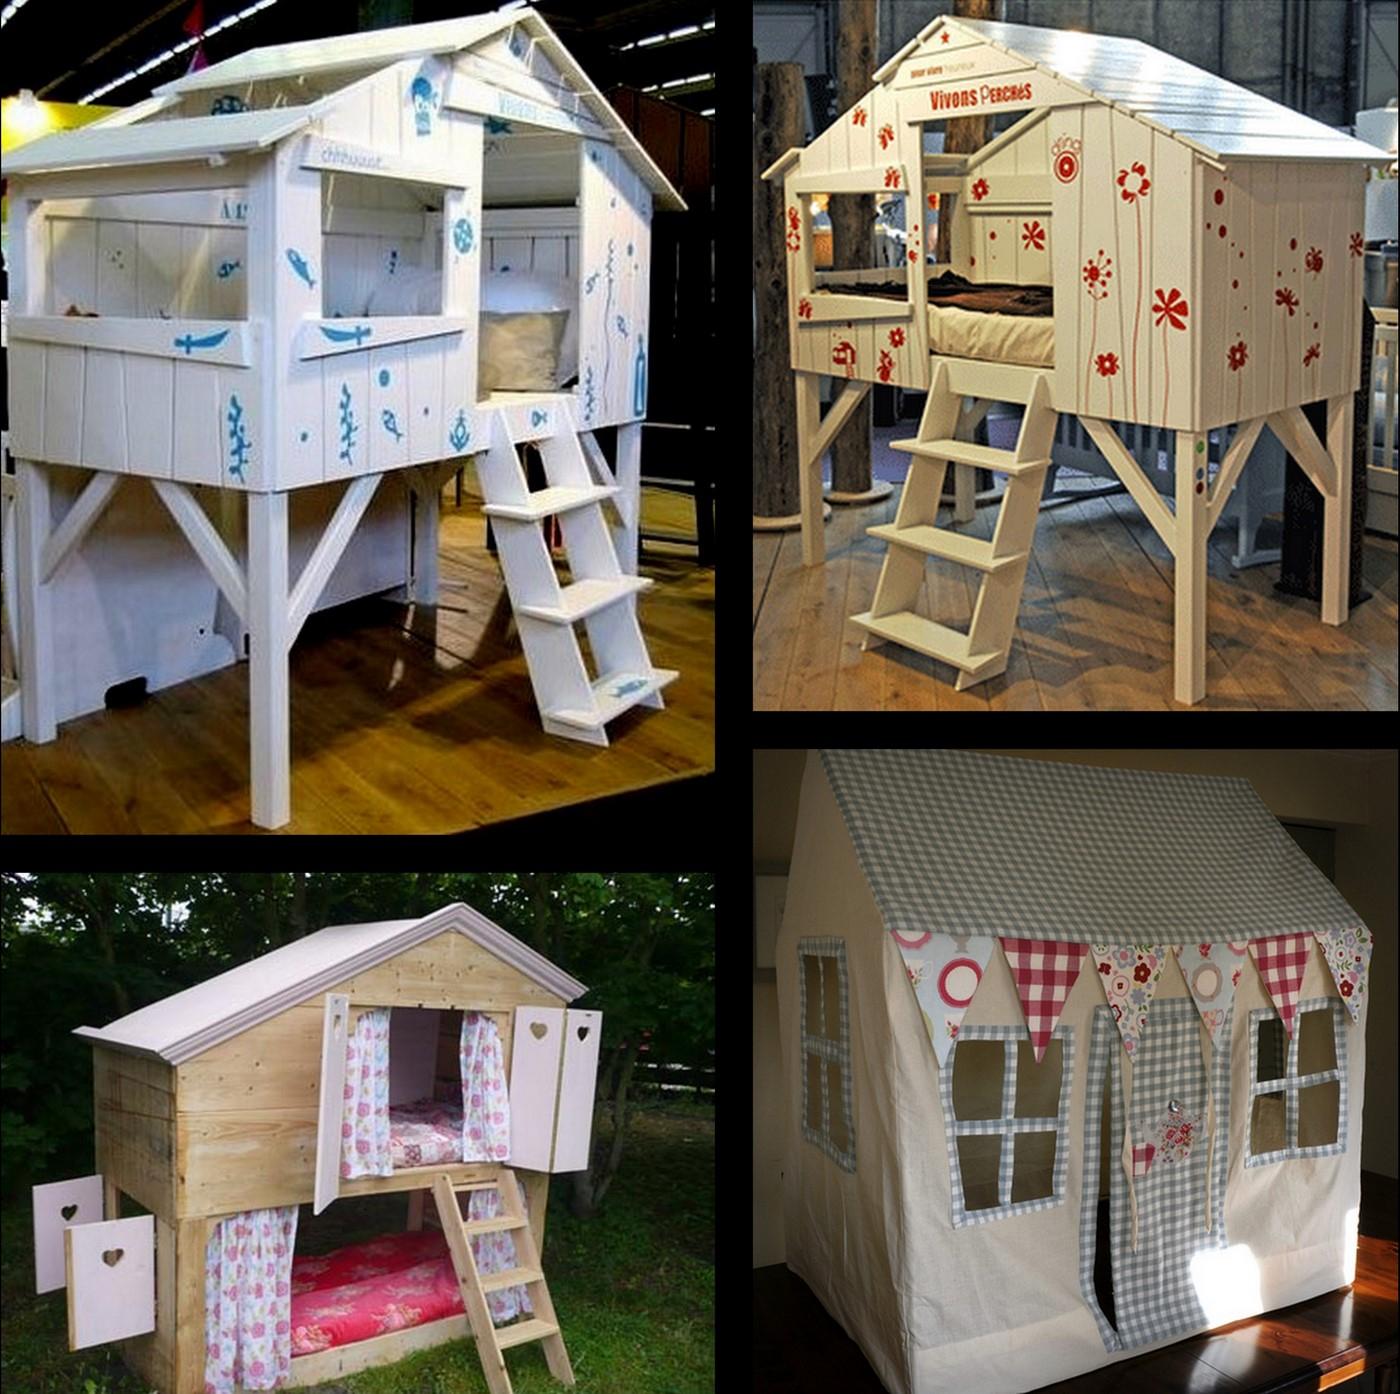 Cabane Enfant Lit Boncoin Maisonnette Boncoin Leboncoin concernant Abri De Jardin Le Bon Coin